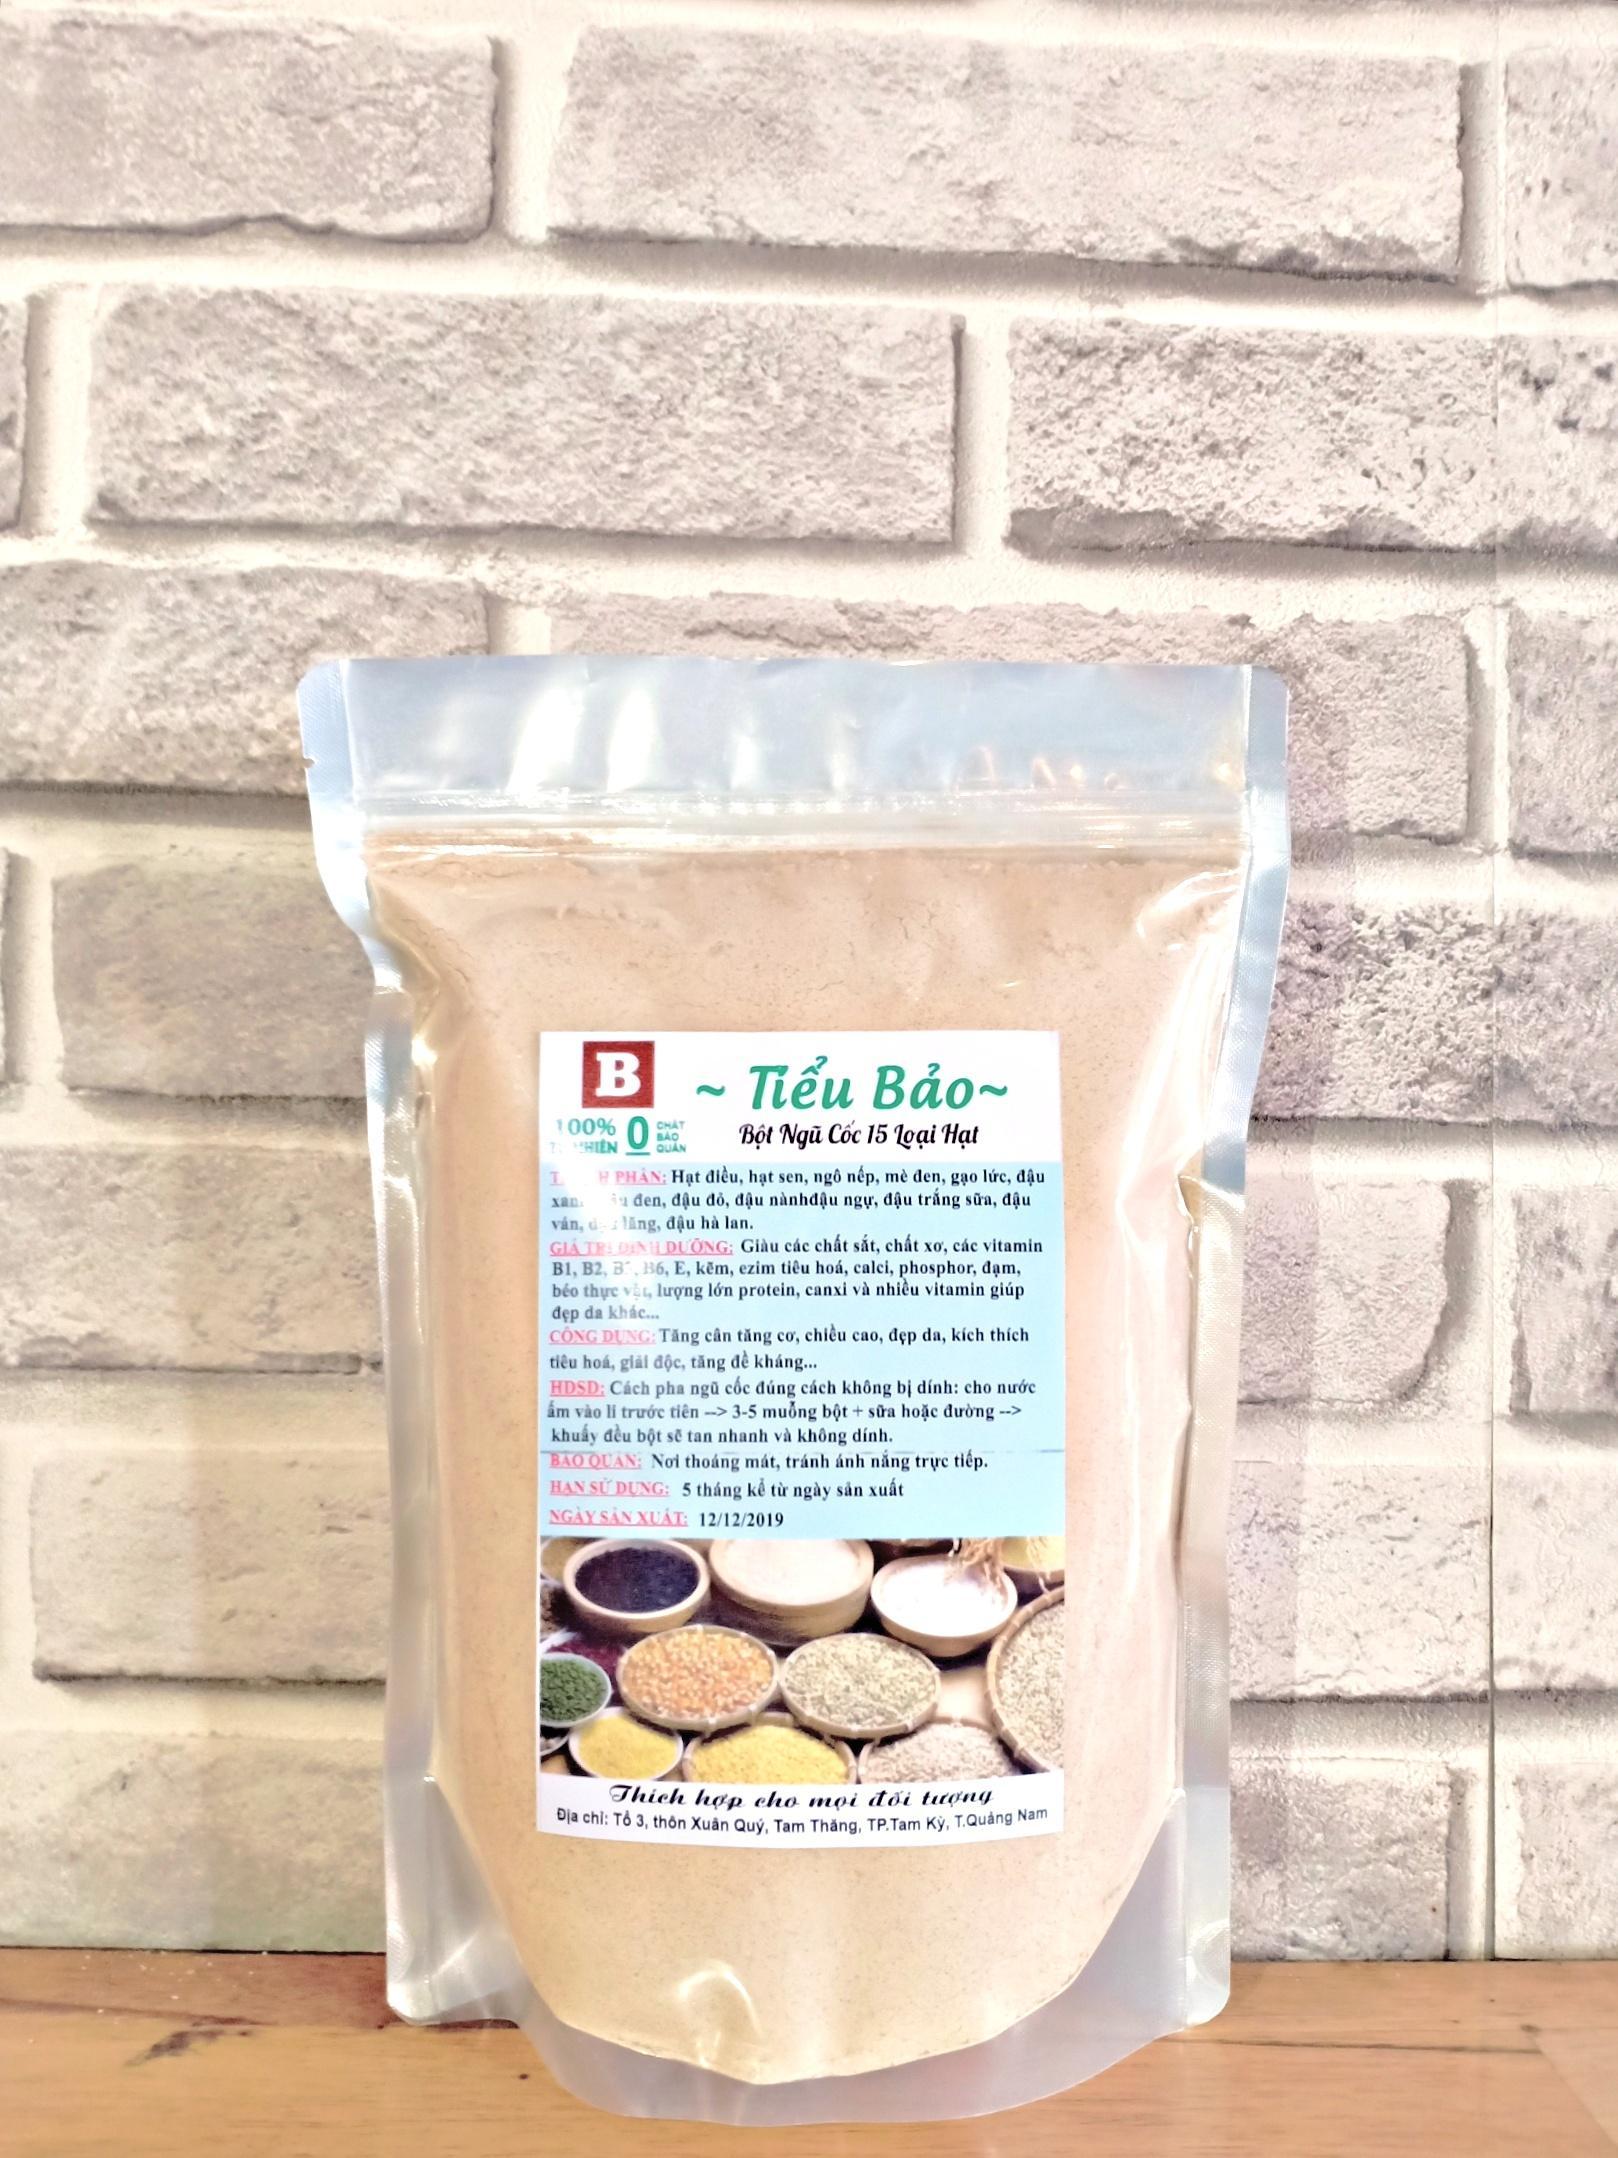 [Giá Xưởng]0.5kg Bột ngũ cốc nhà làm giúp tăng cân,tăng cơ,tăng chiều cao và đẹp da,15 loại hạt nhập khẩu